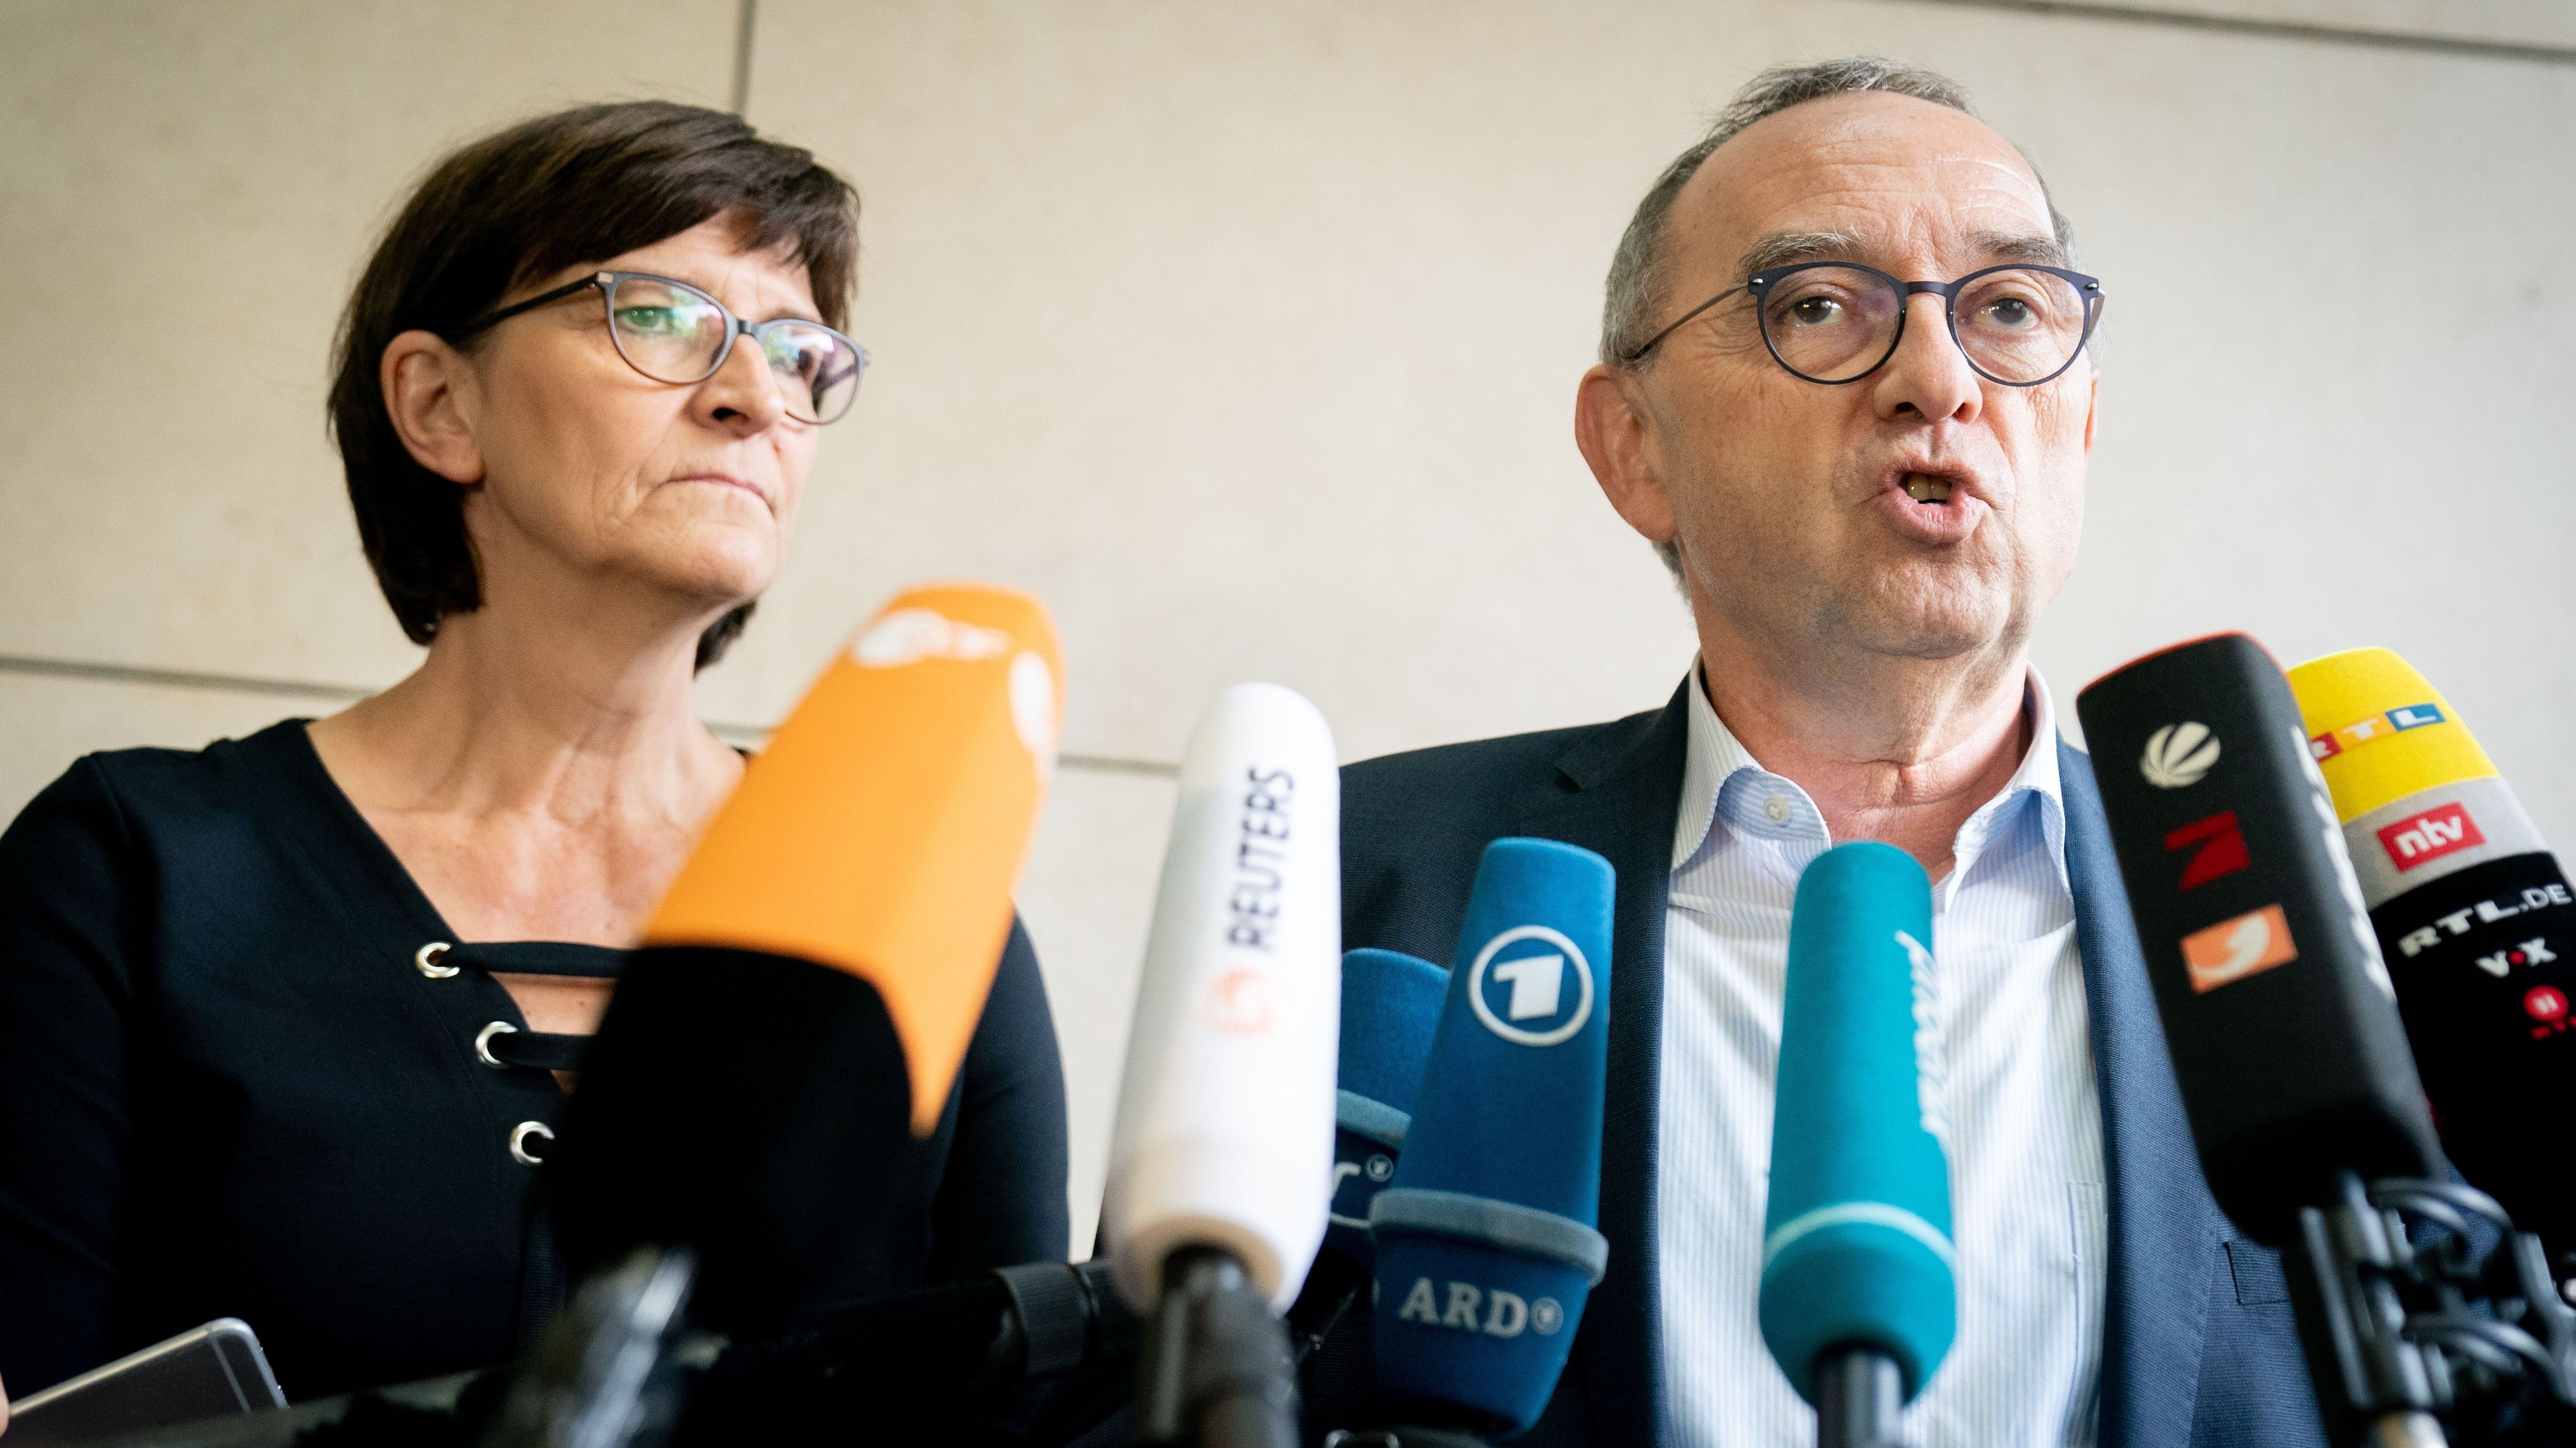 Saskia Esken, designierte SPD-Parteivorsitzende, und Norbert Walter Borjans, designierter SPD-Parteivorsitzender